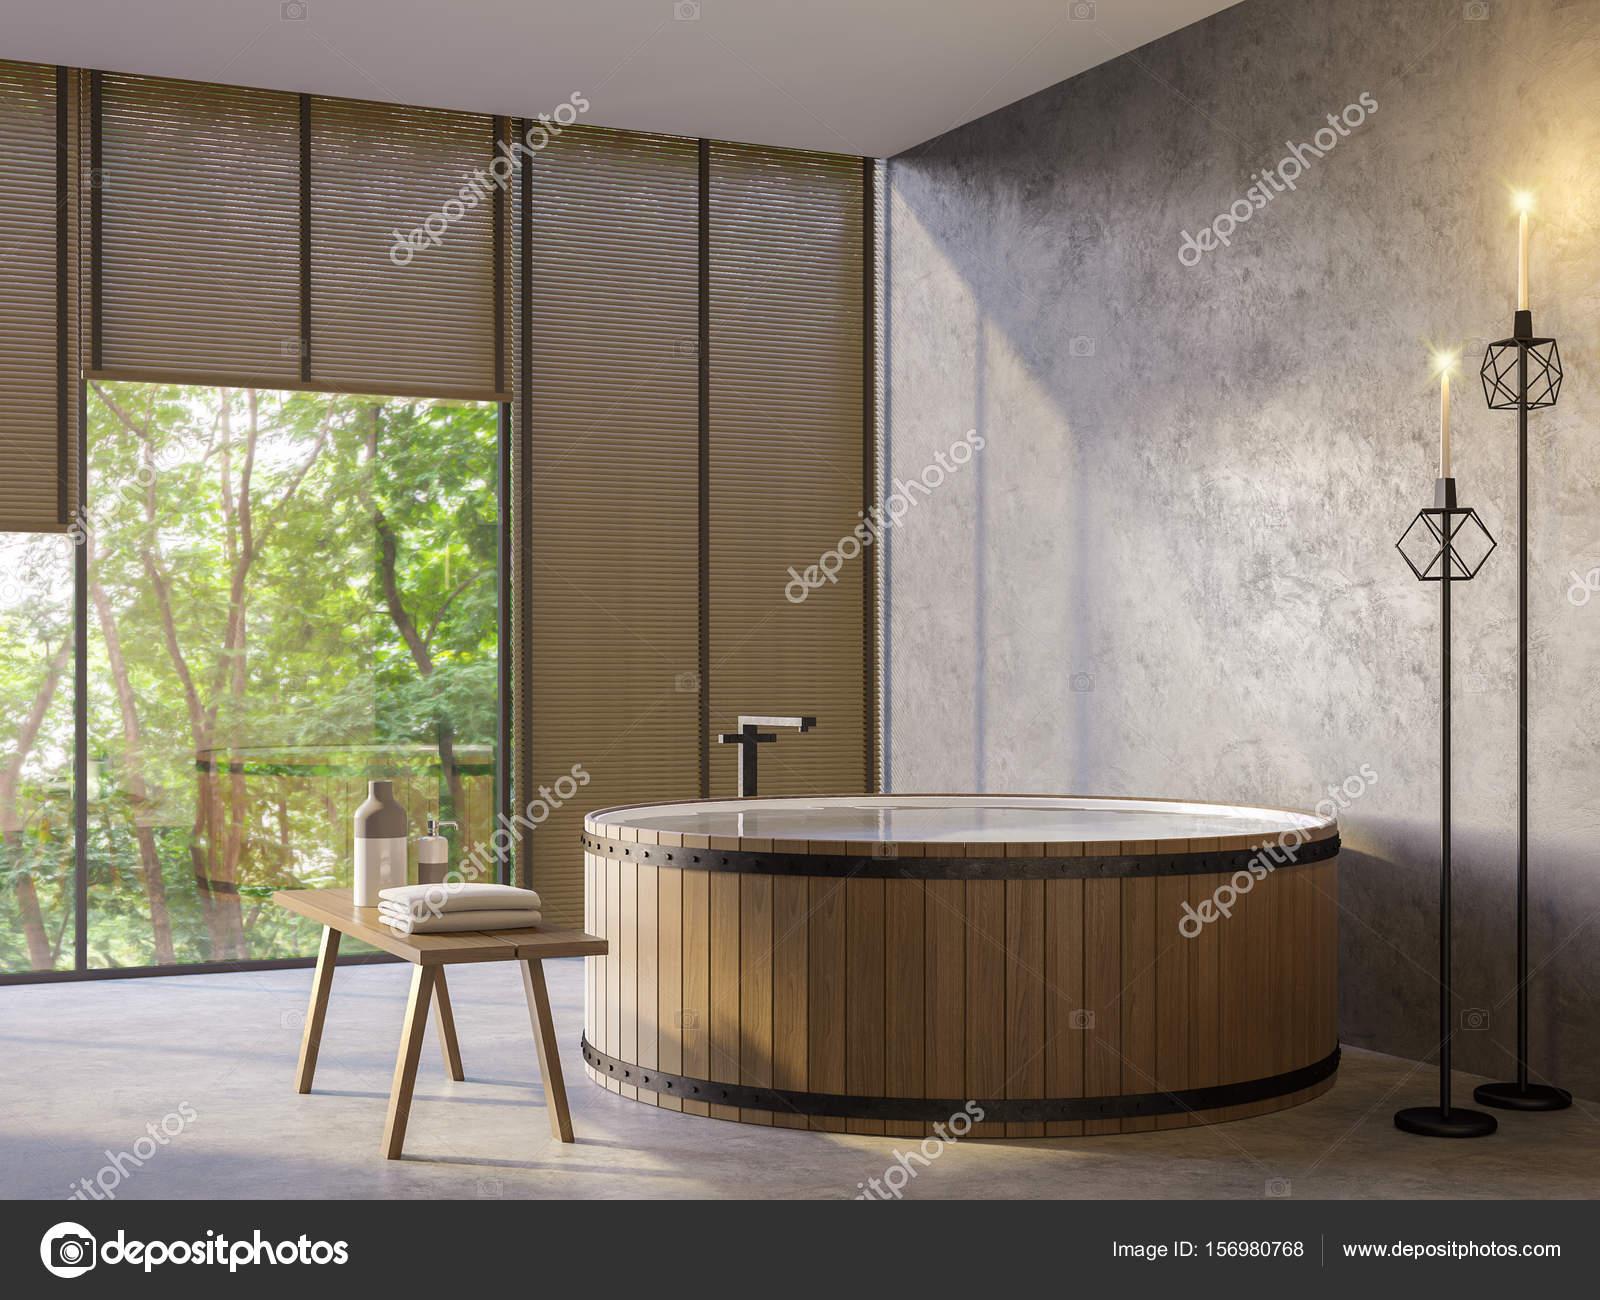 Loft-Stil Badezimmer mit Natur View 3d Rendering-Bild — Stockfoto ...